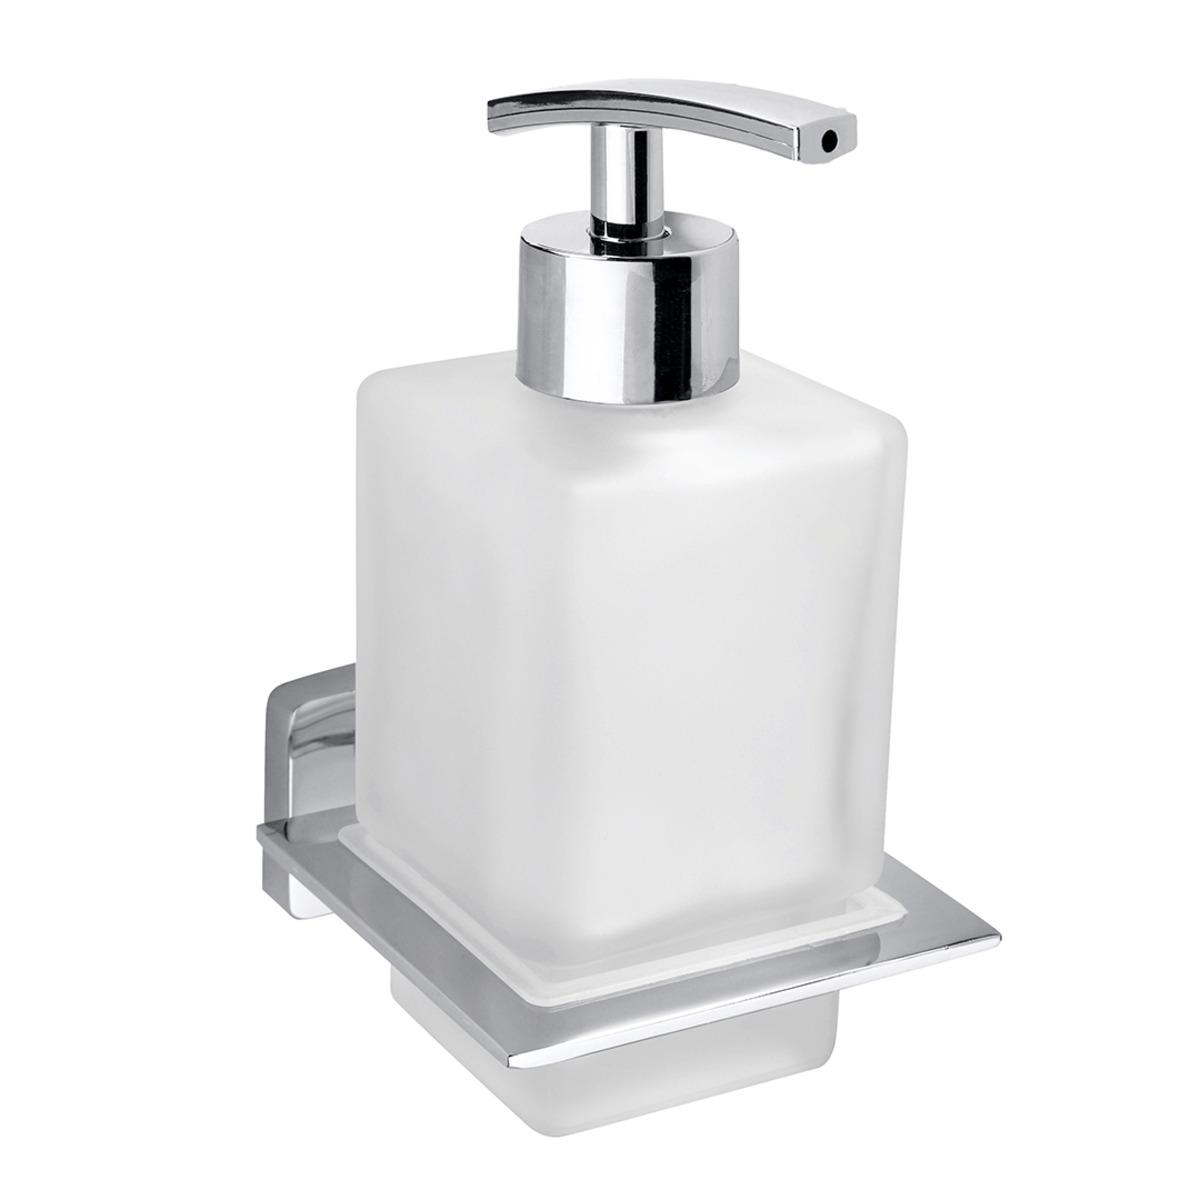 Dávkovač mýdla Bemeta NIKI chrom 153209049